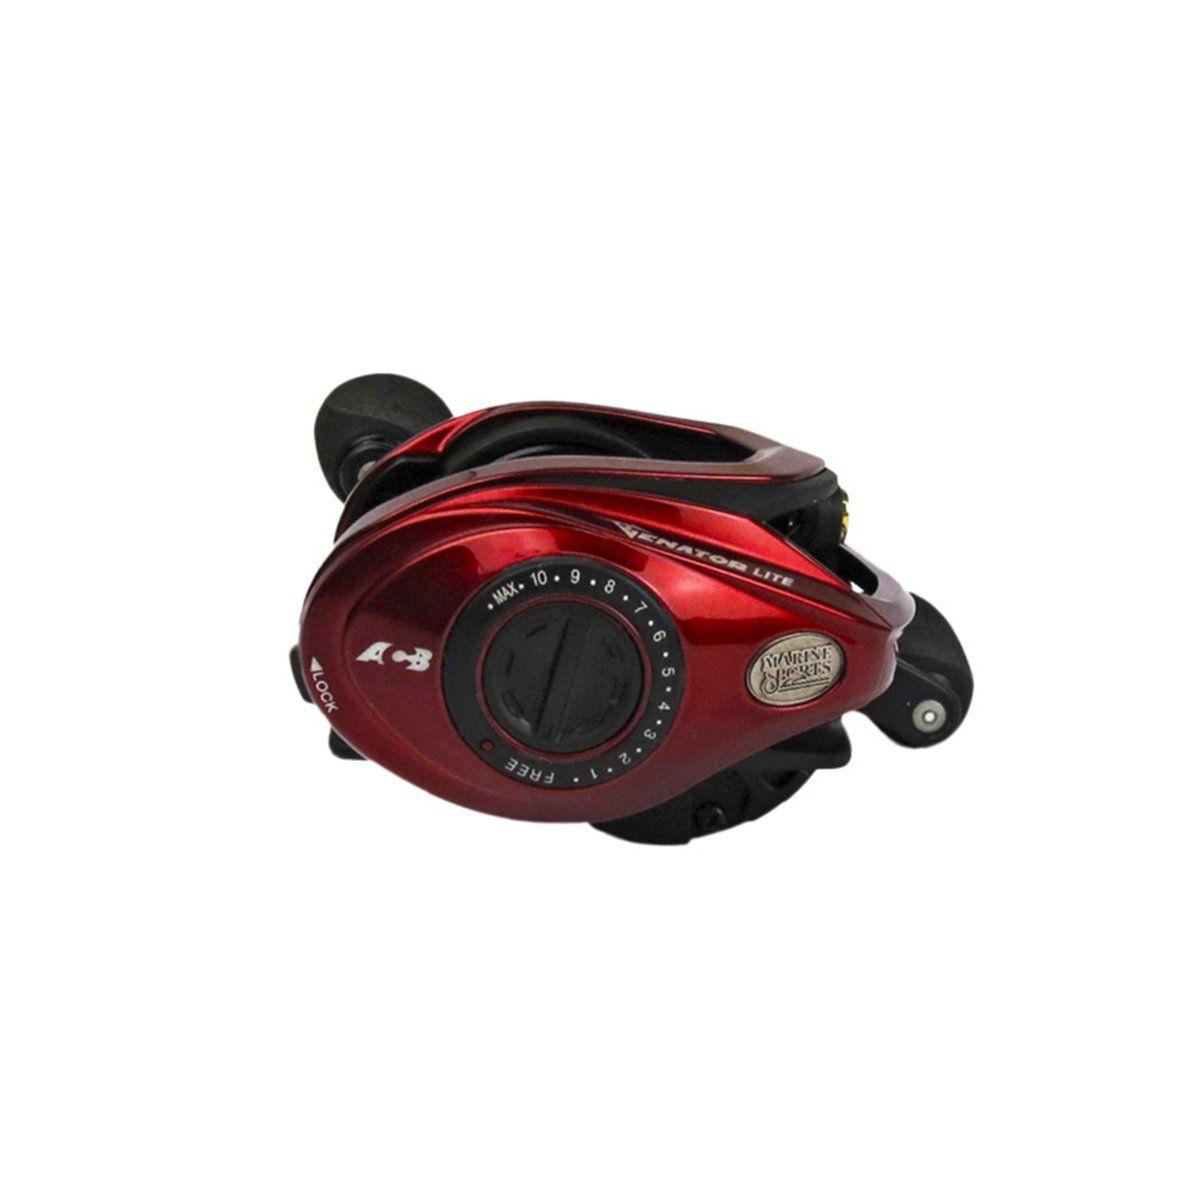 Carretilha Marine Sports Venator Lite Vermelha 8,3:1 11 Rolamentos